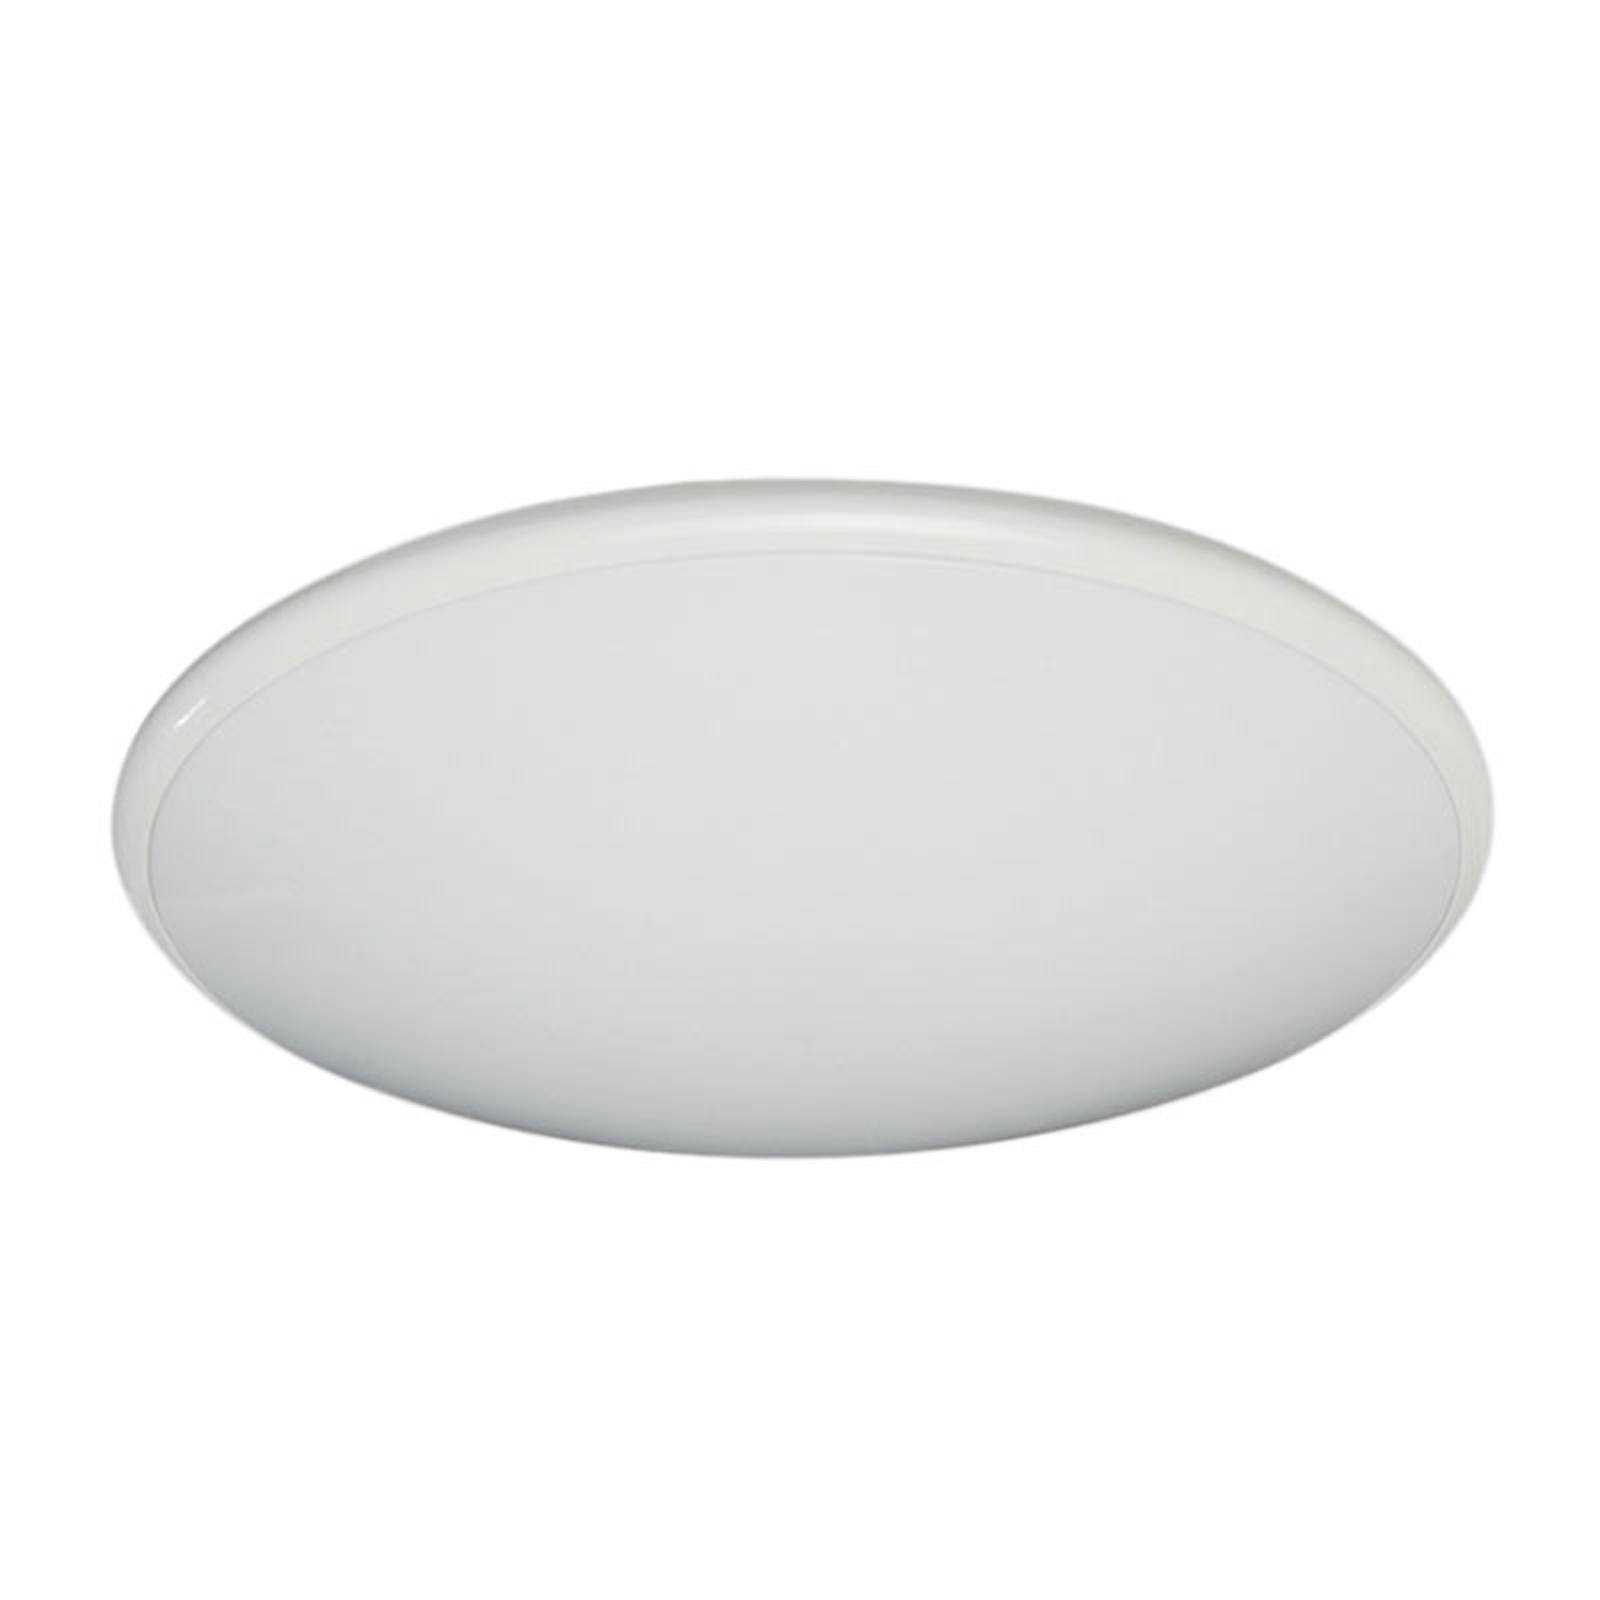 LED plafondlamp Sinus-S425 1000 HF 42,5cm 3.000K